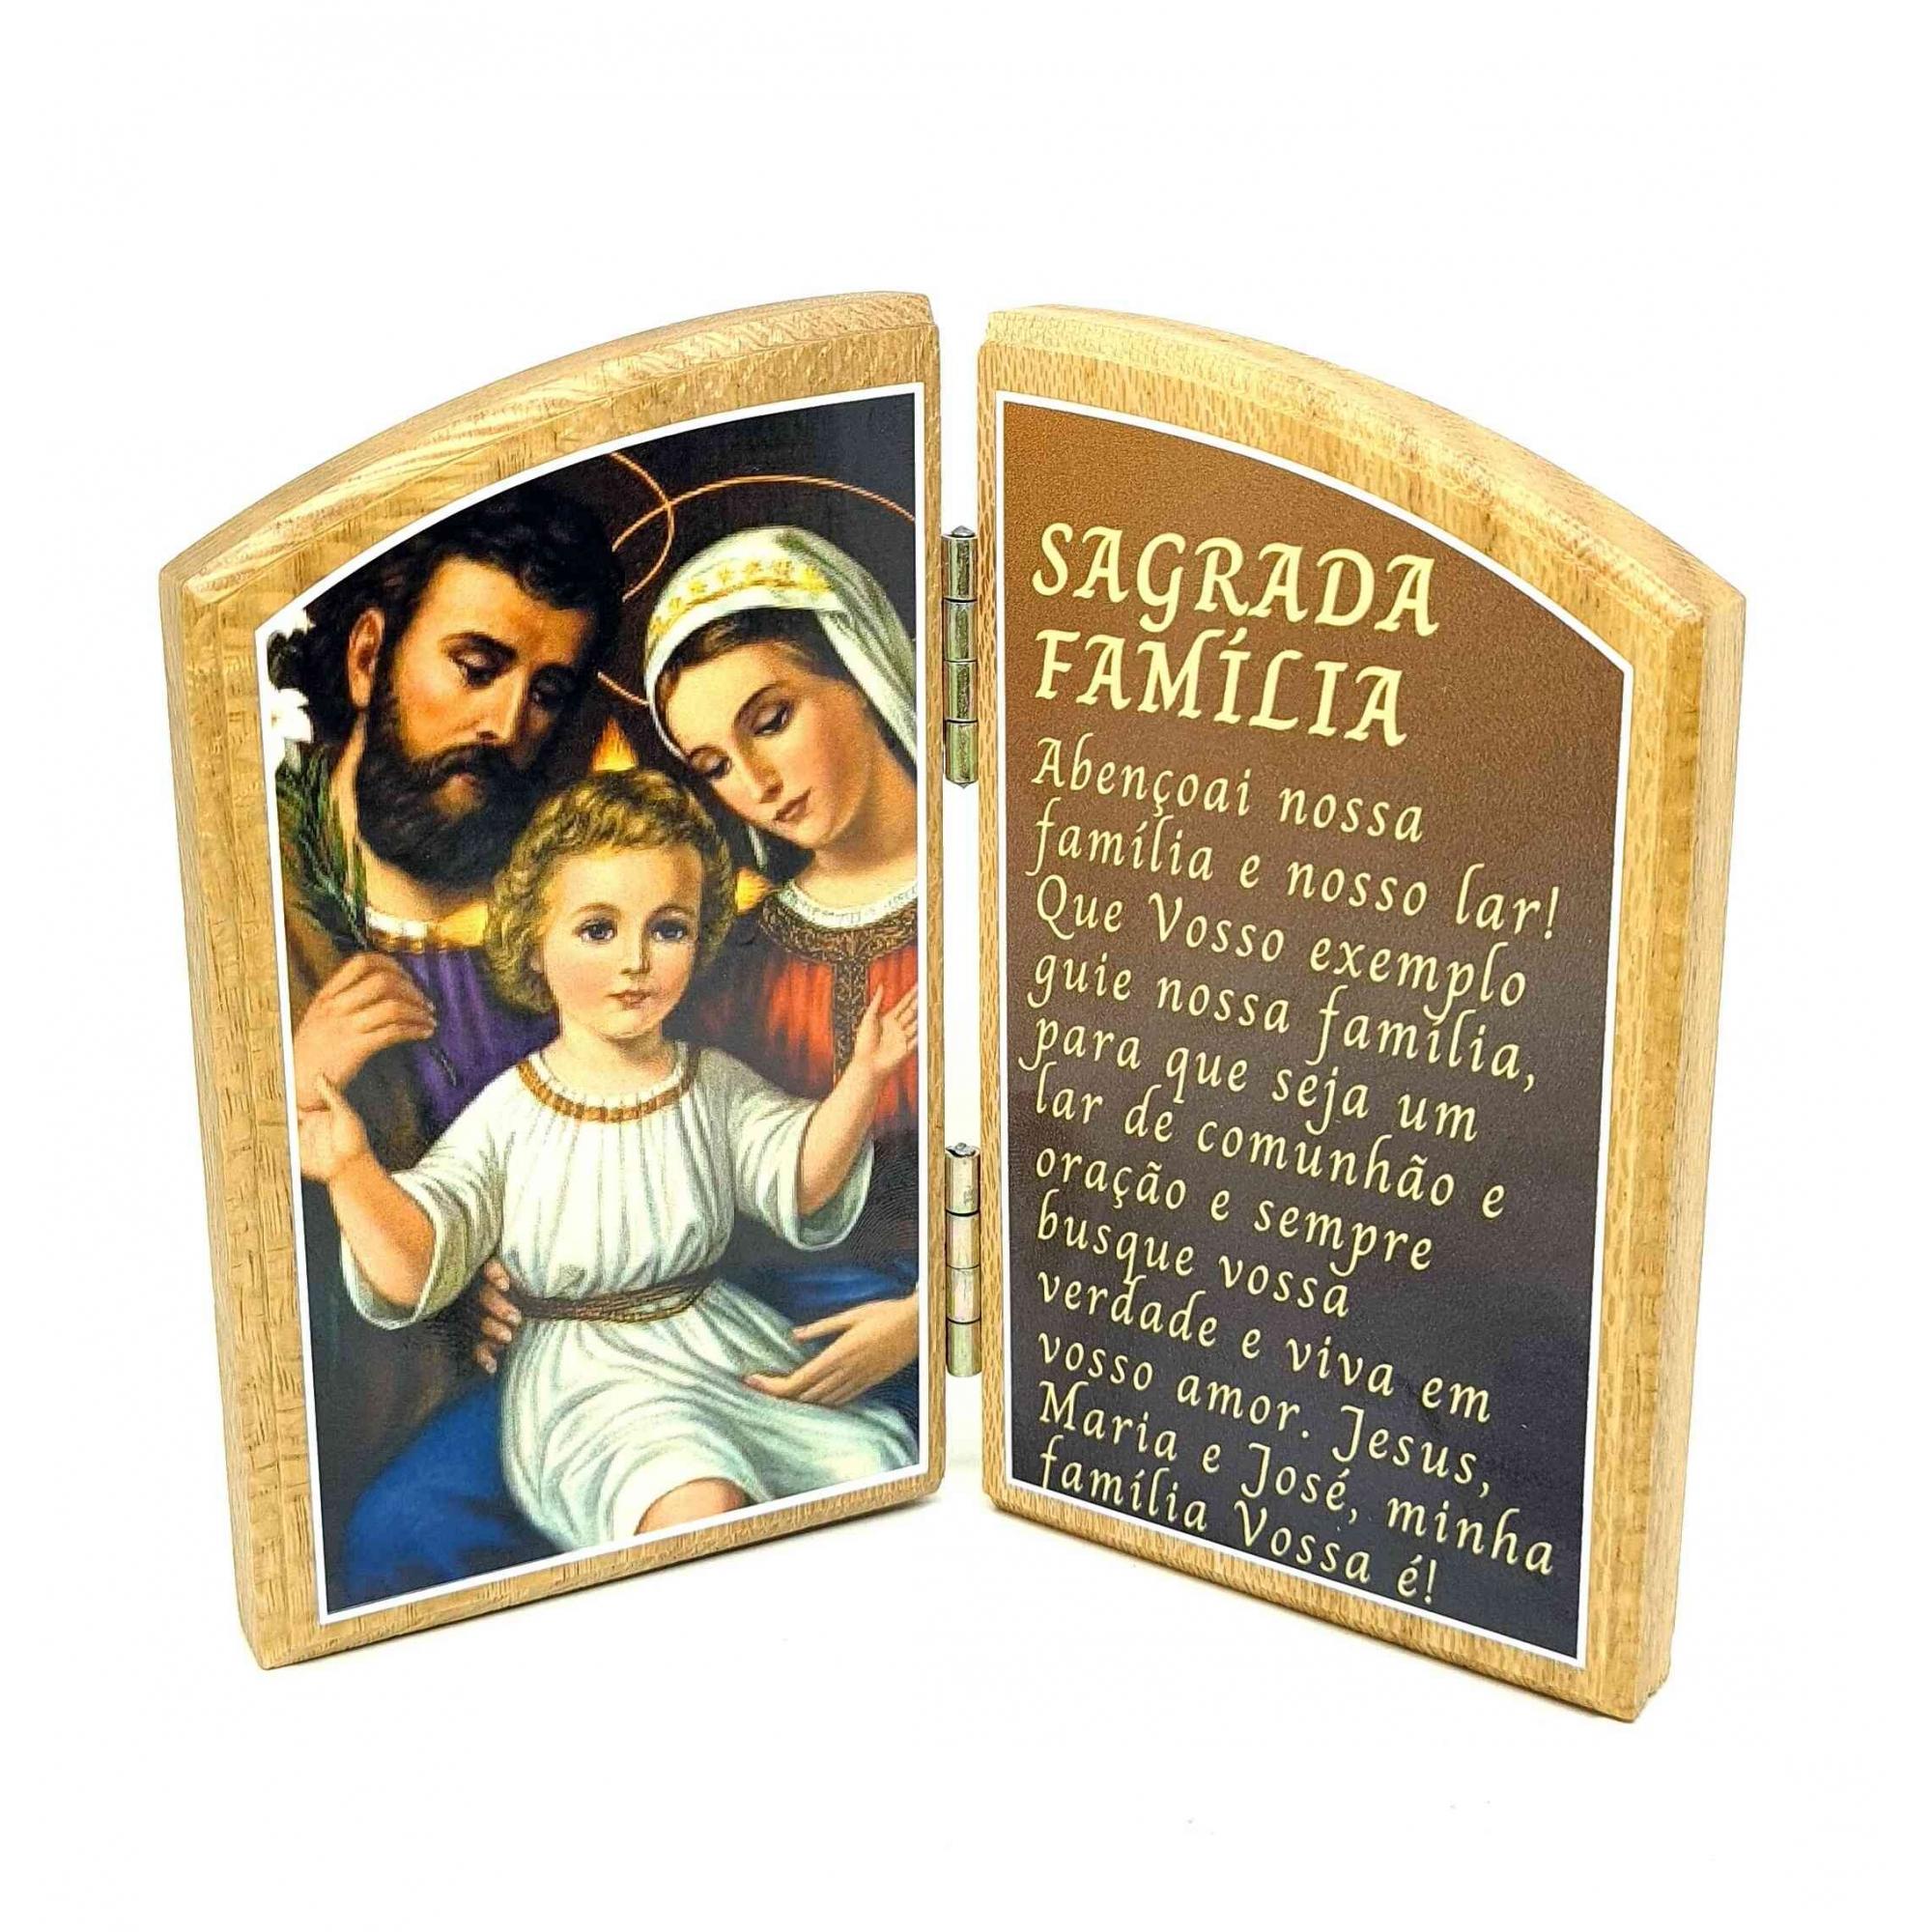 Capelinha da Sagrada Família